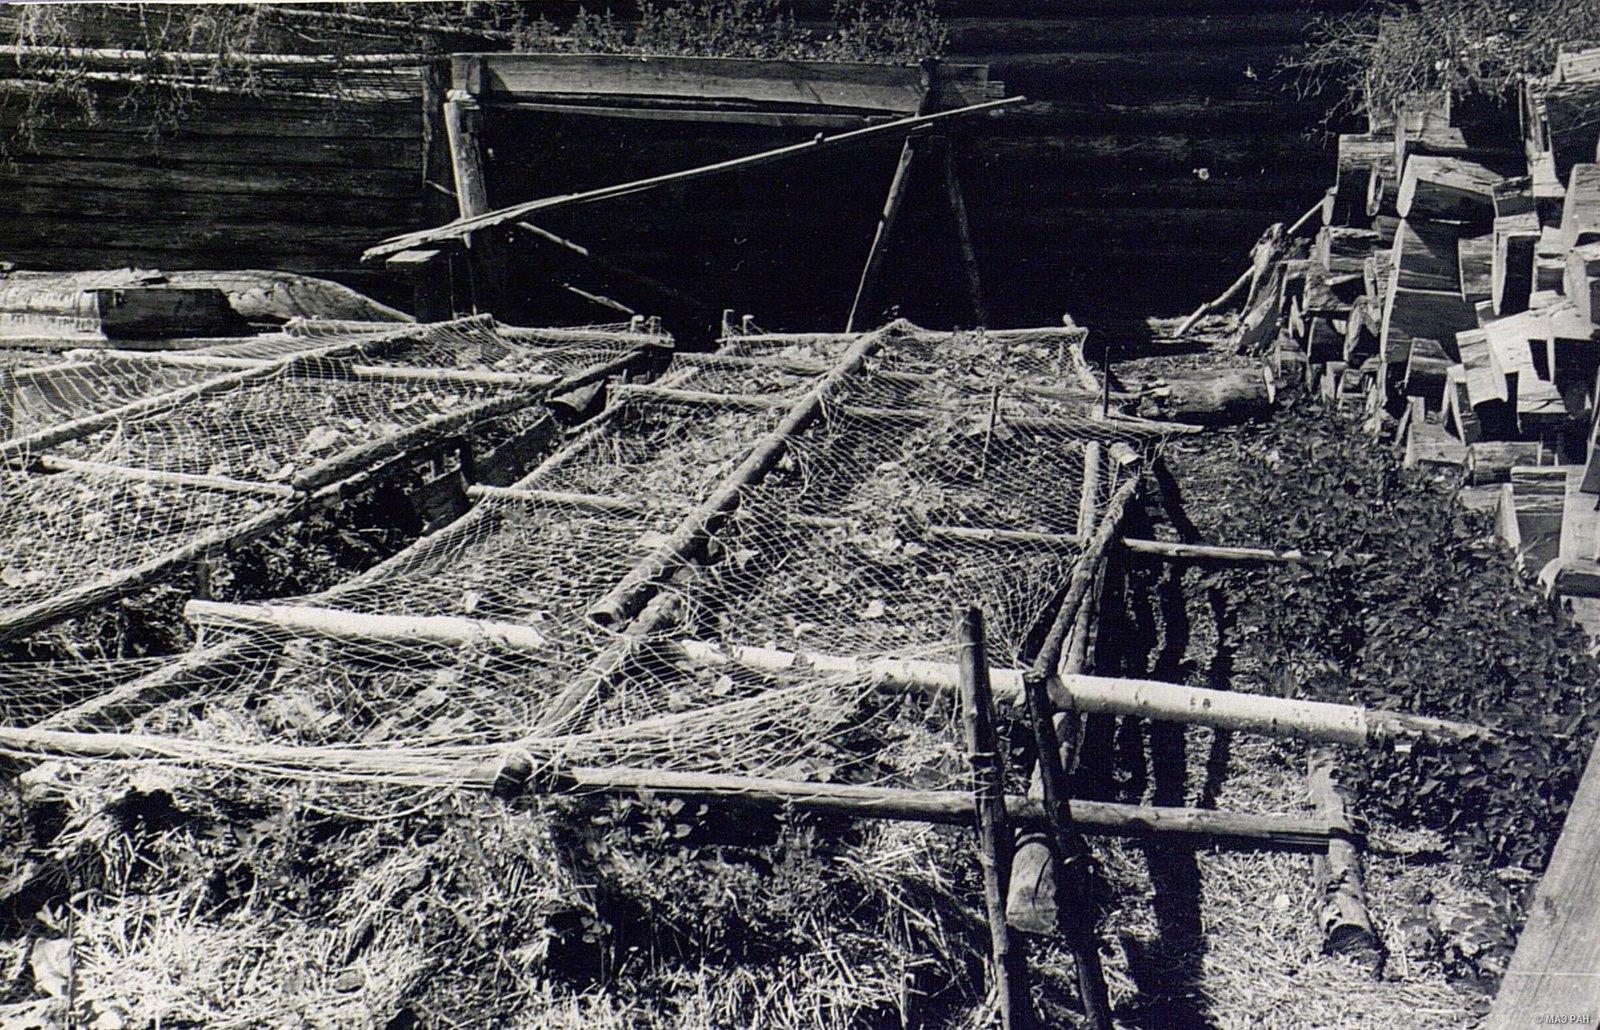 Огородные грядки, покрытые сетью